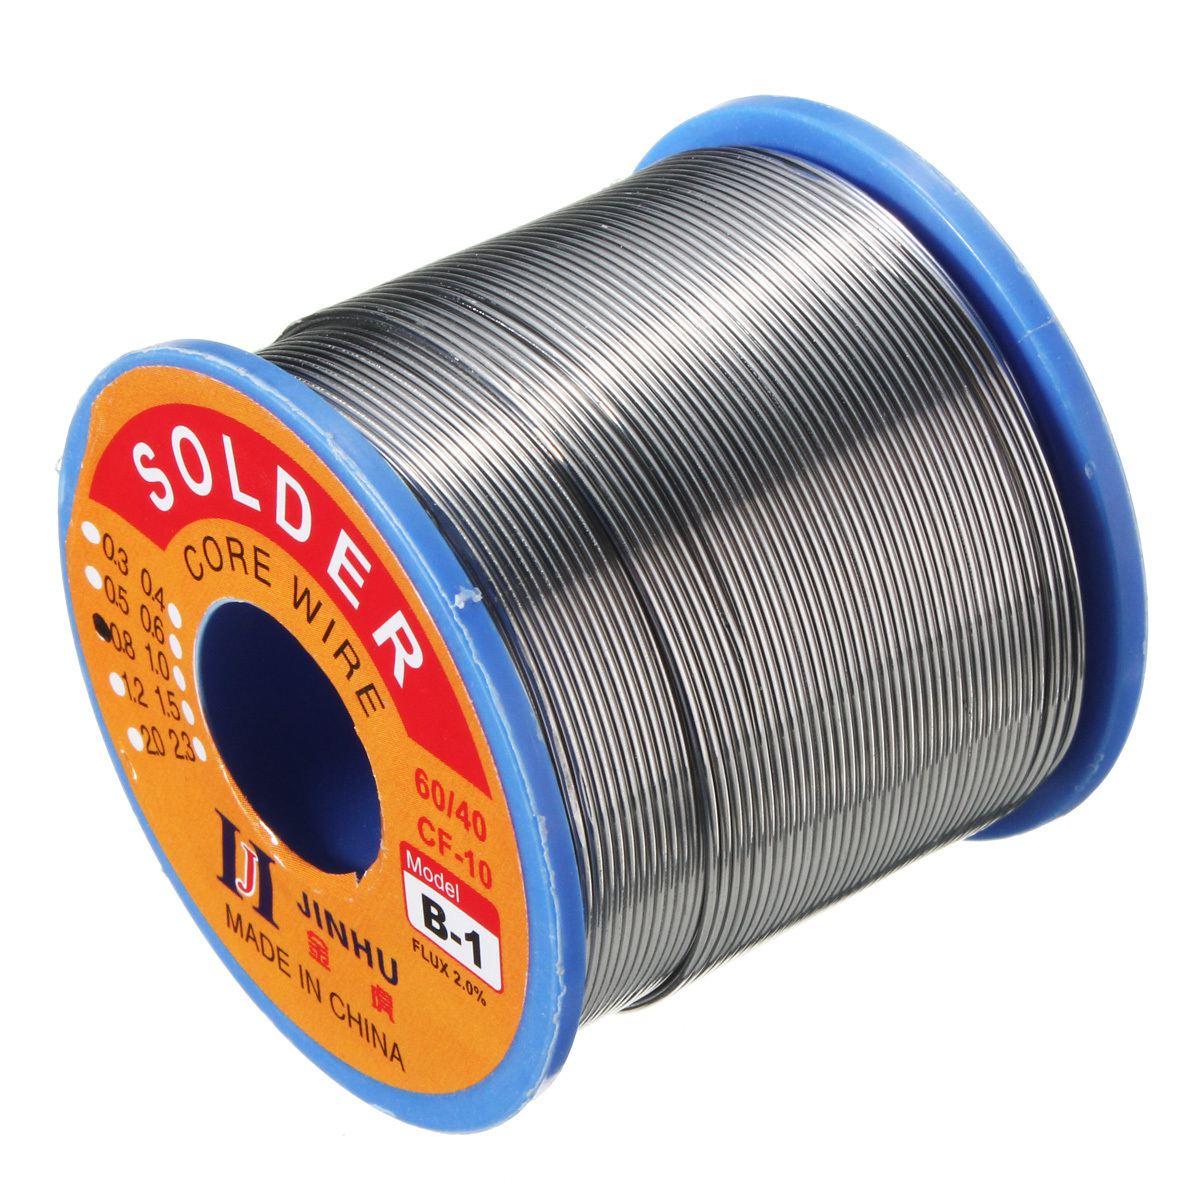 0,5/0,7/1mm 60/40 FLUX 2.0% 500g estaño Alambre de soldadura de plomo Melt colofonia Core Solder soldadura rollo de alambre